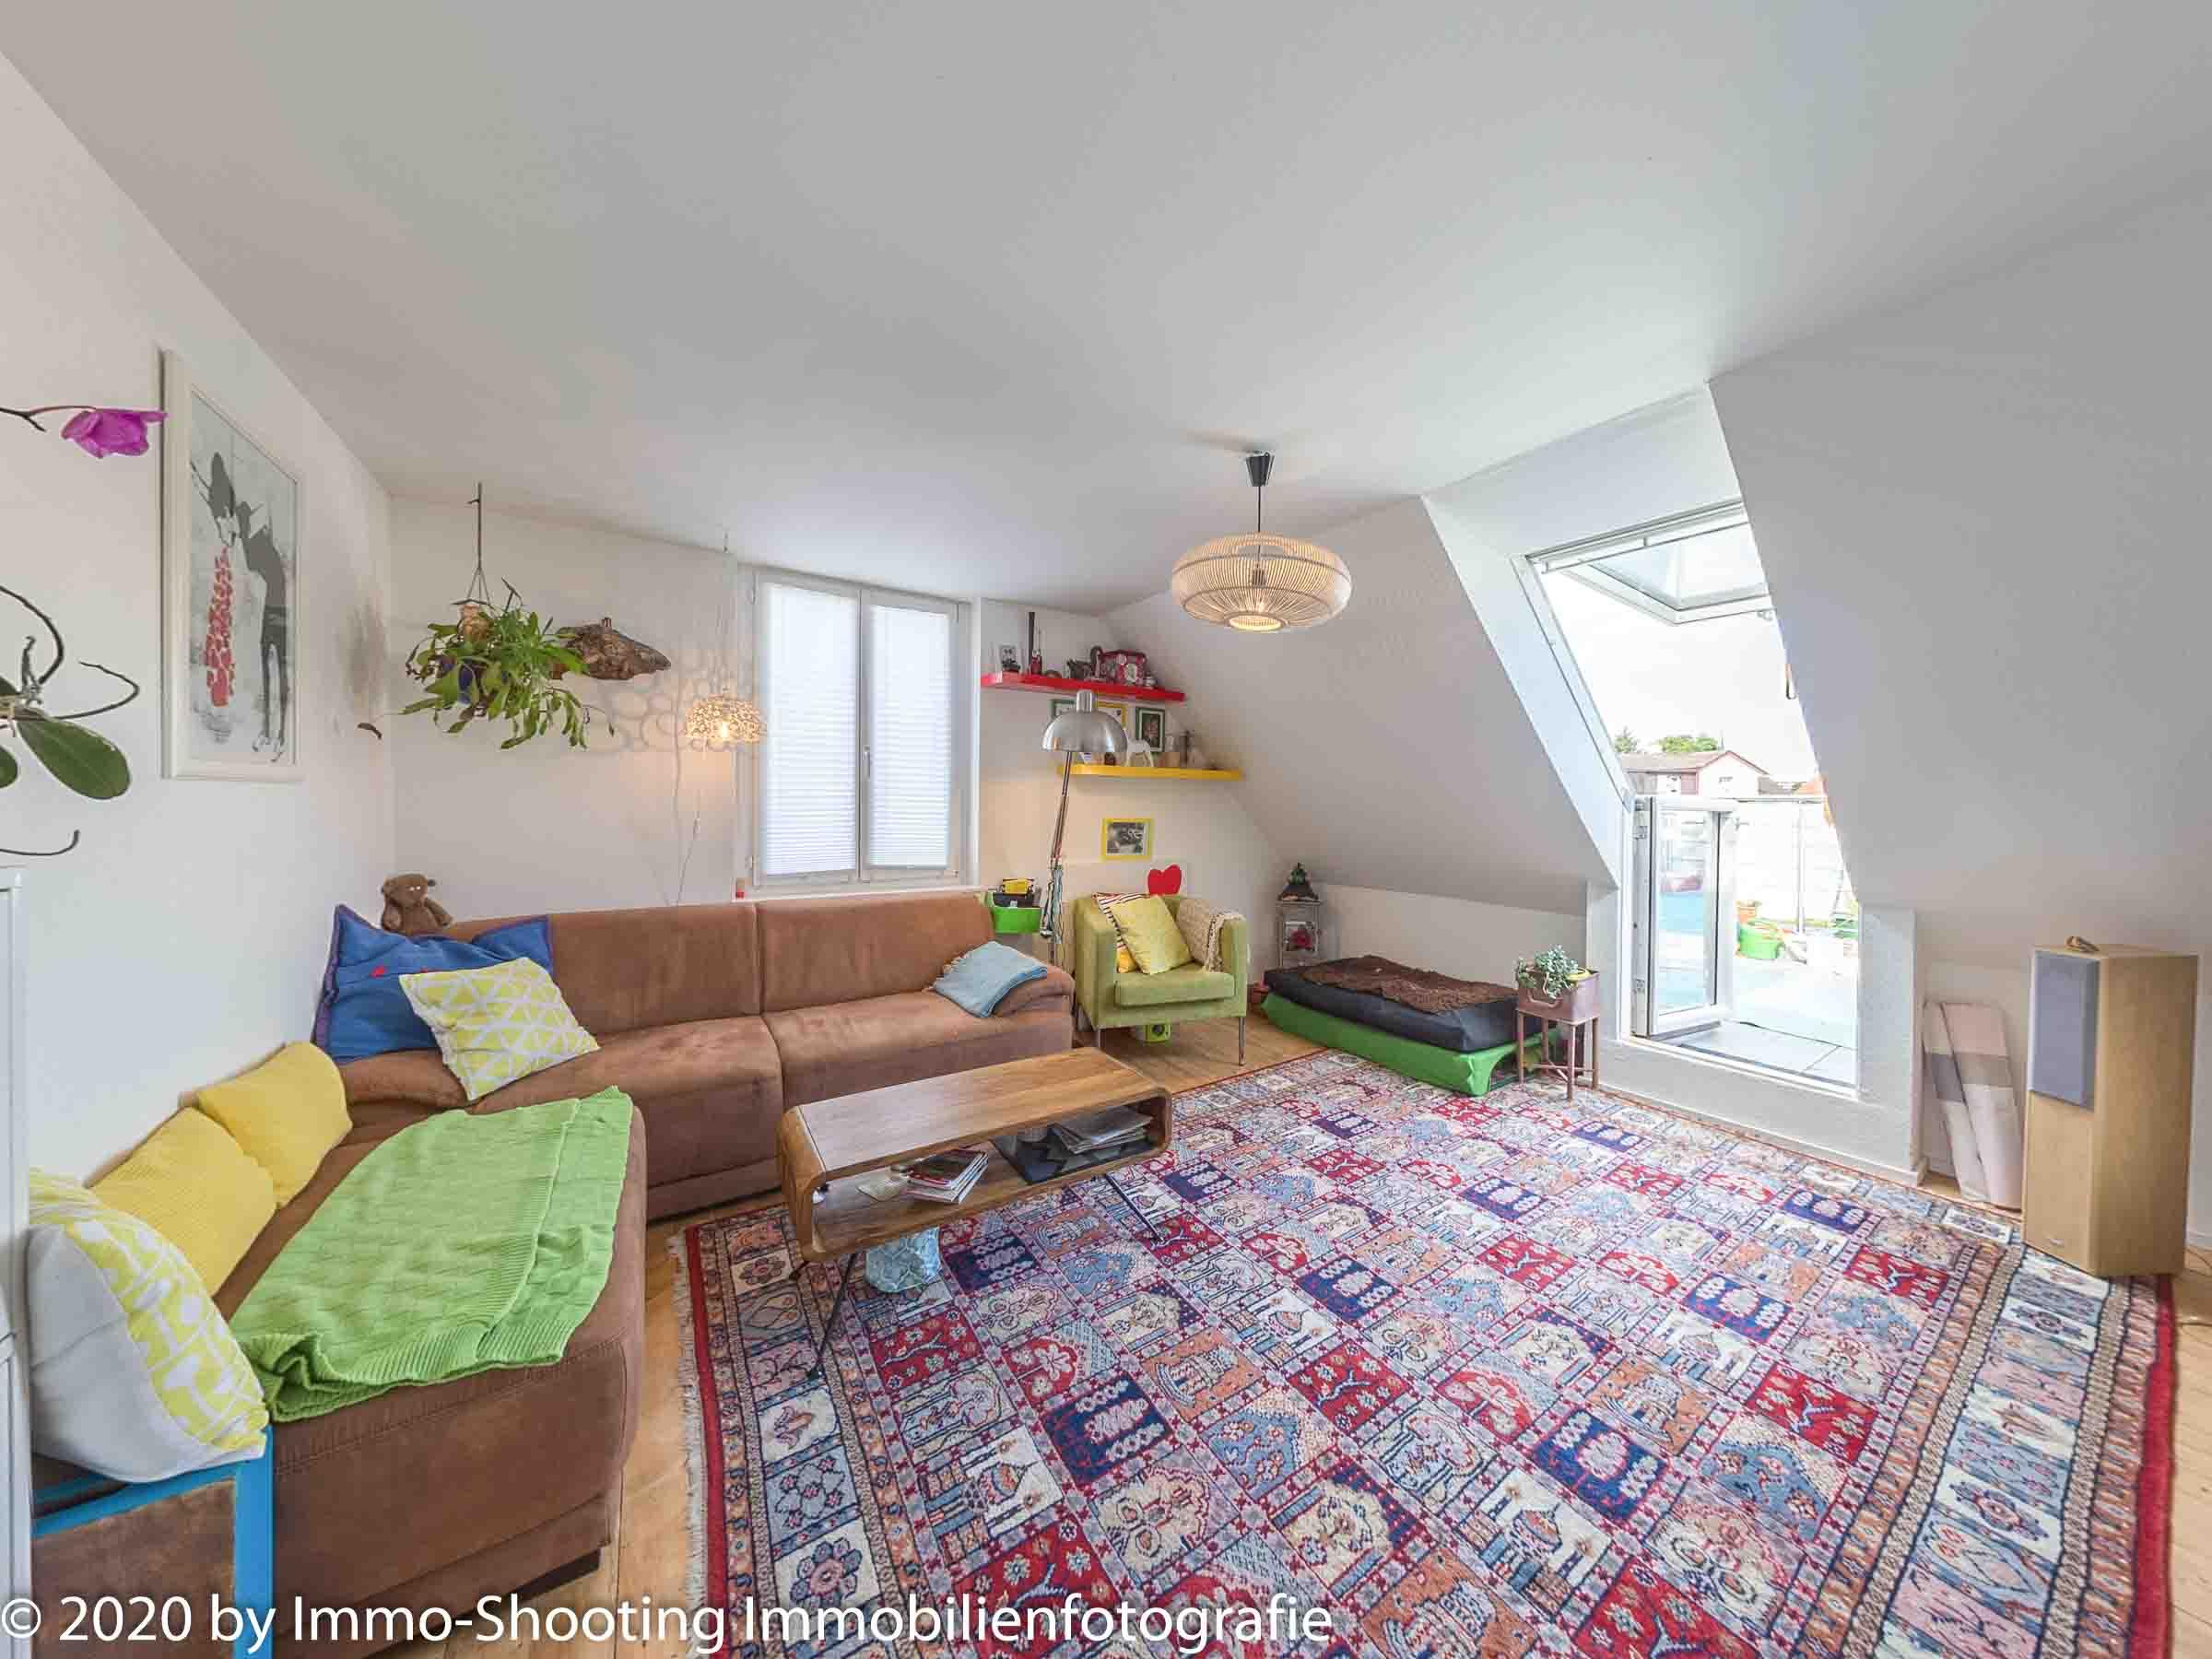 Wohnzimmer Dachwohnung Architekturfotografie Immo-Shooting